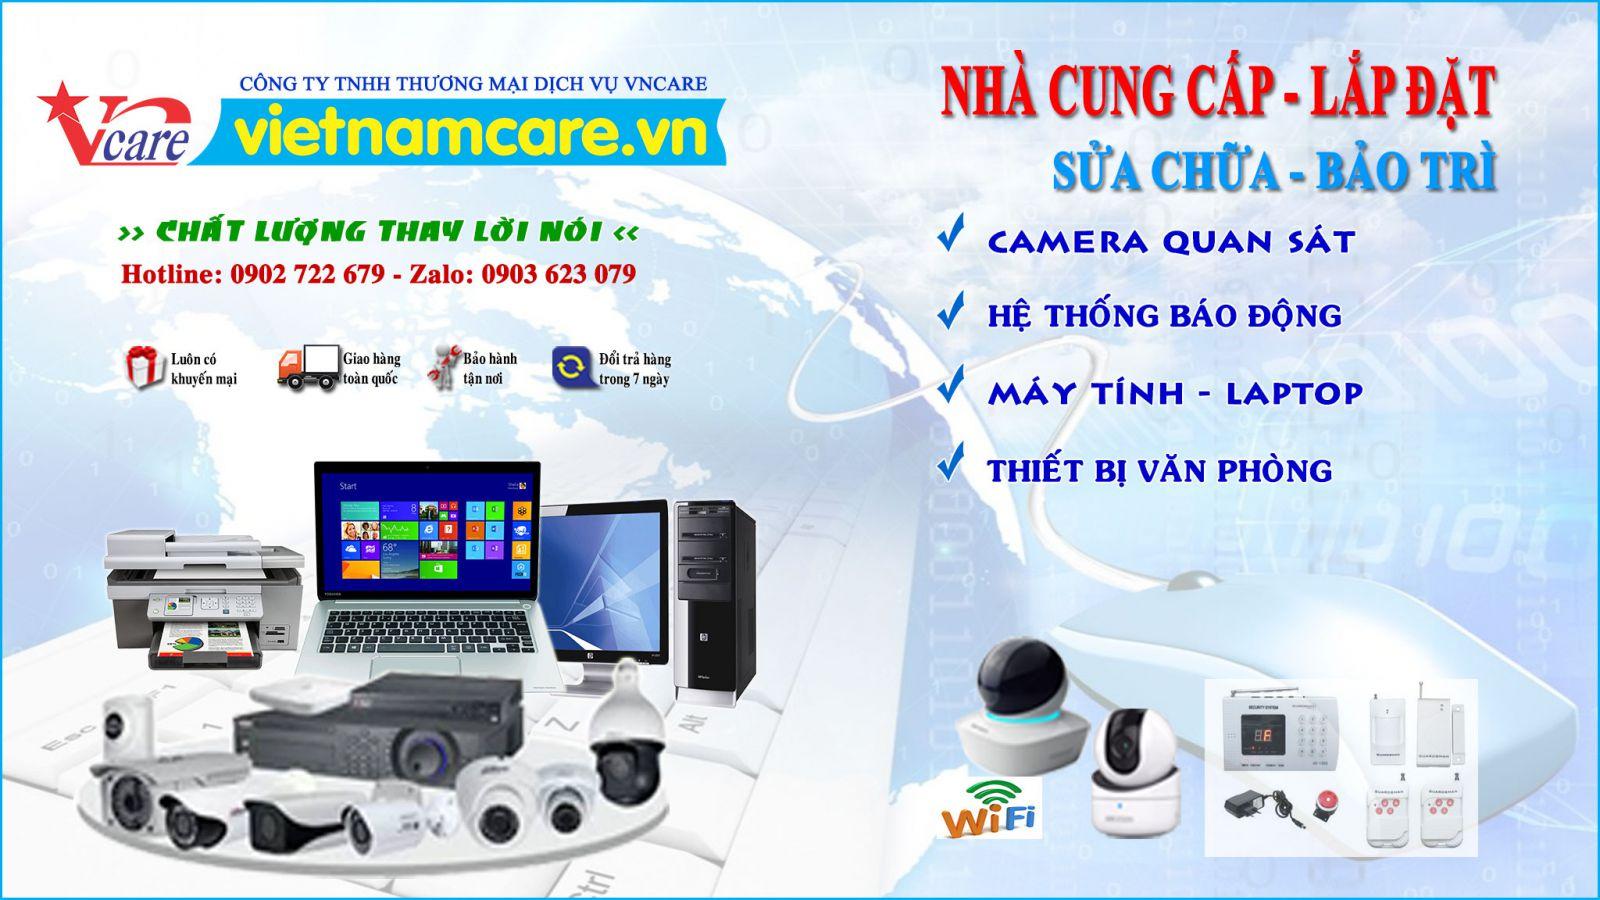 vietnamcare